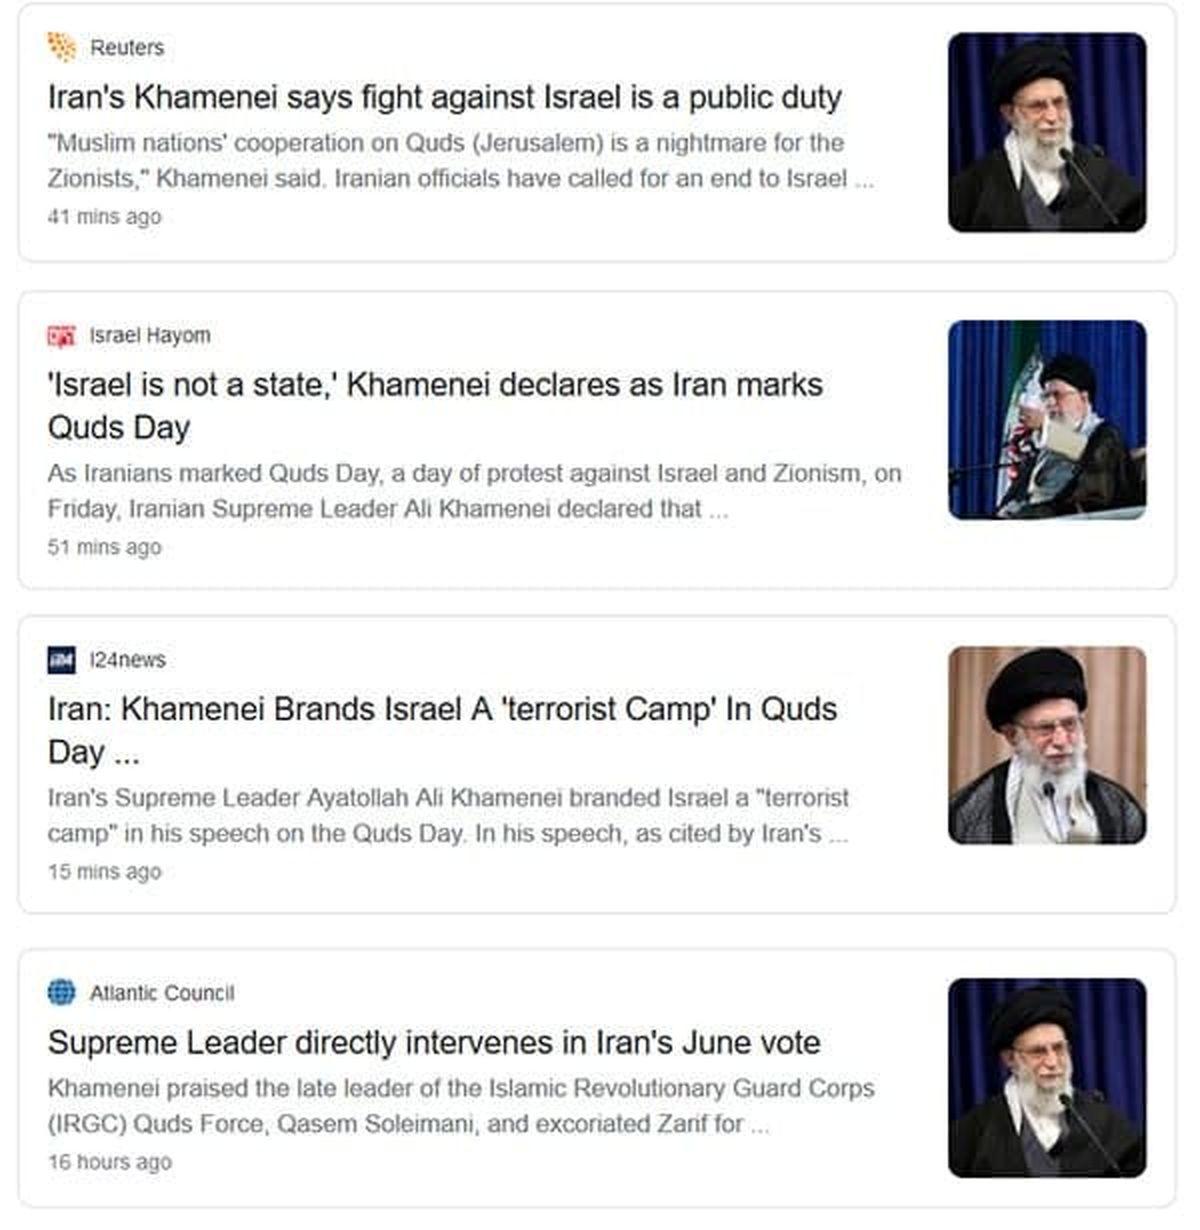 بازتاب سخنرانی رهبر انقلاب در رسانه های غربی